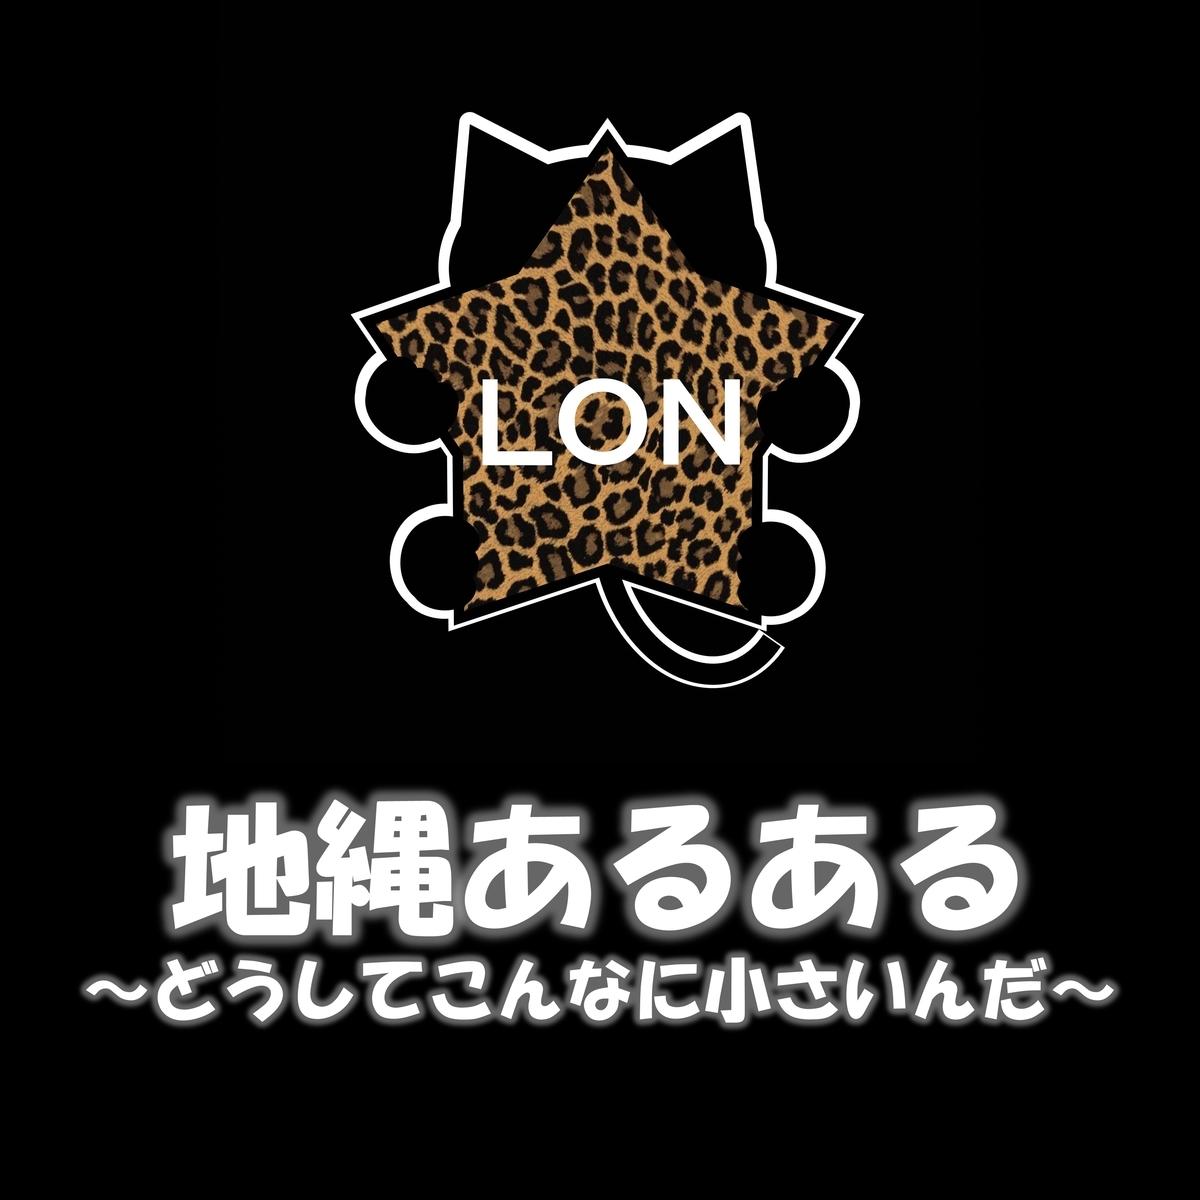 f:id:lon_blackcat:20201008234827j:plain